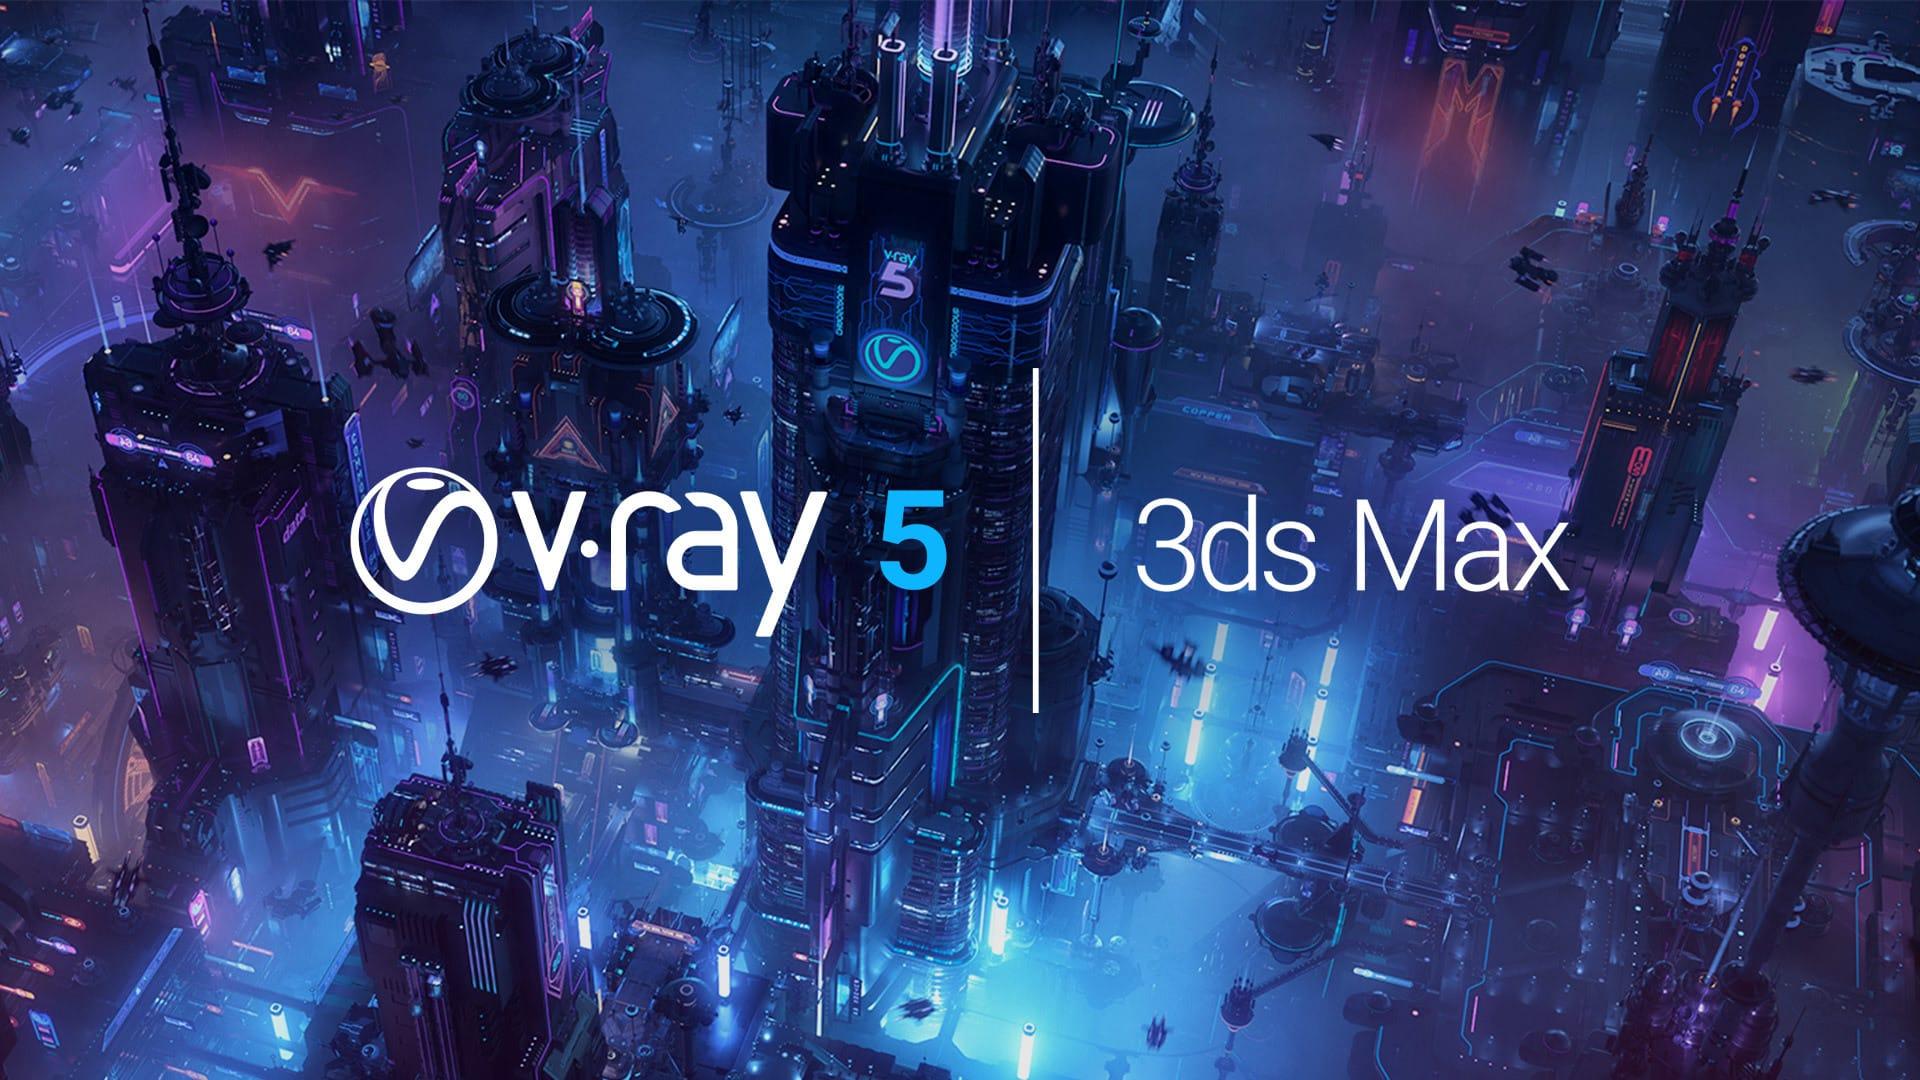 الماكس و الإظهار المعماري : النسخة الأحدث من V-Ray تظهر للماكس قبل بقية البرامج